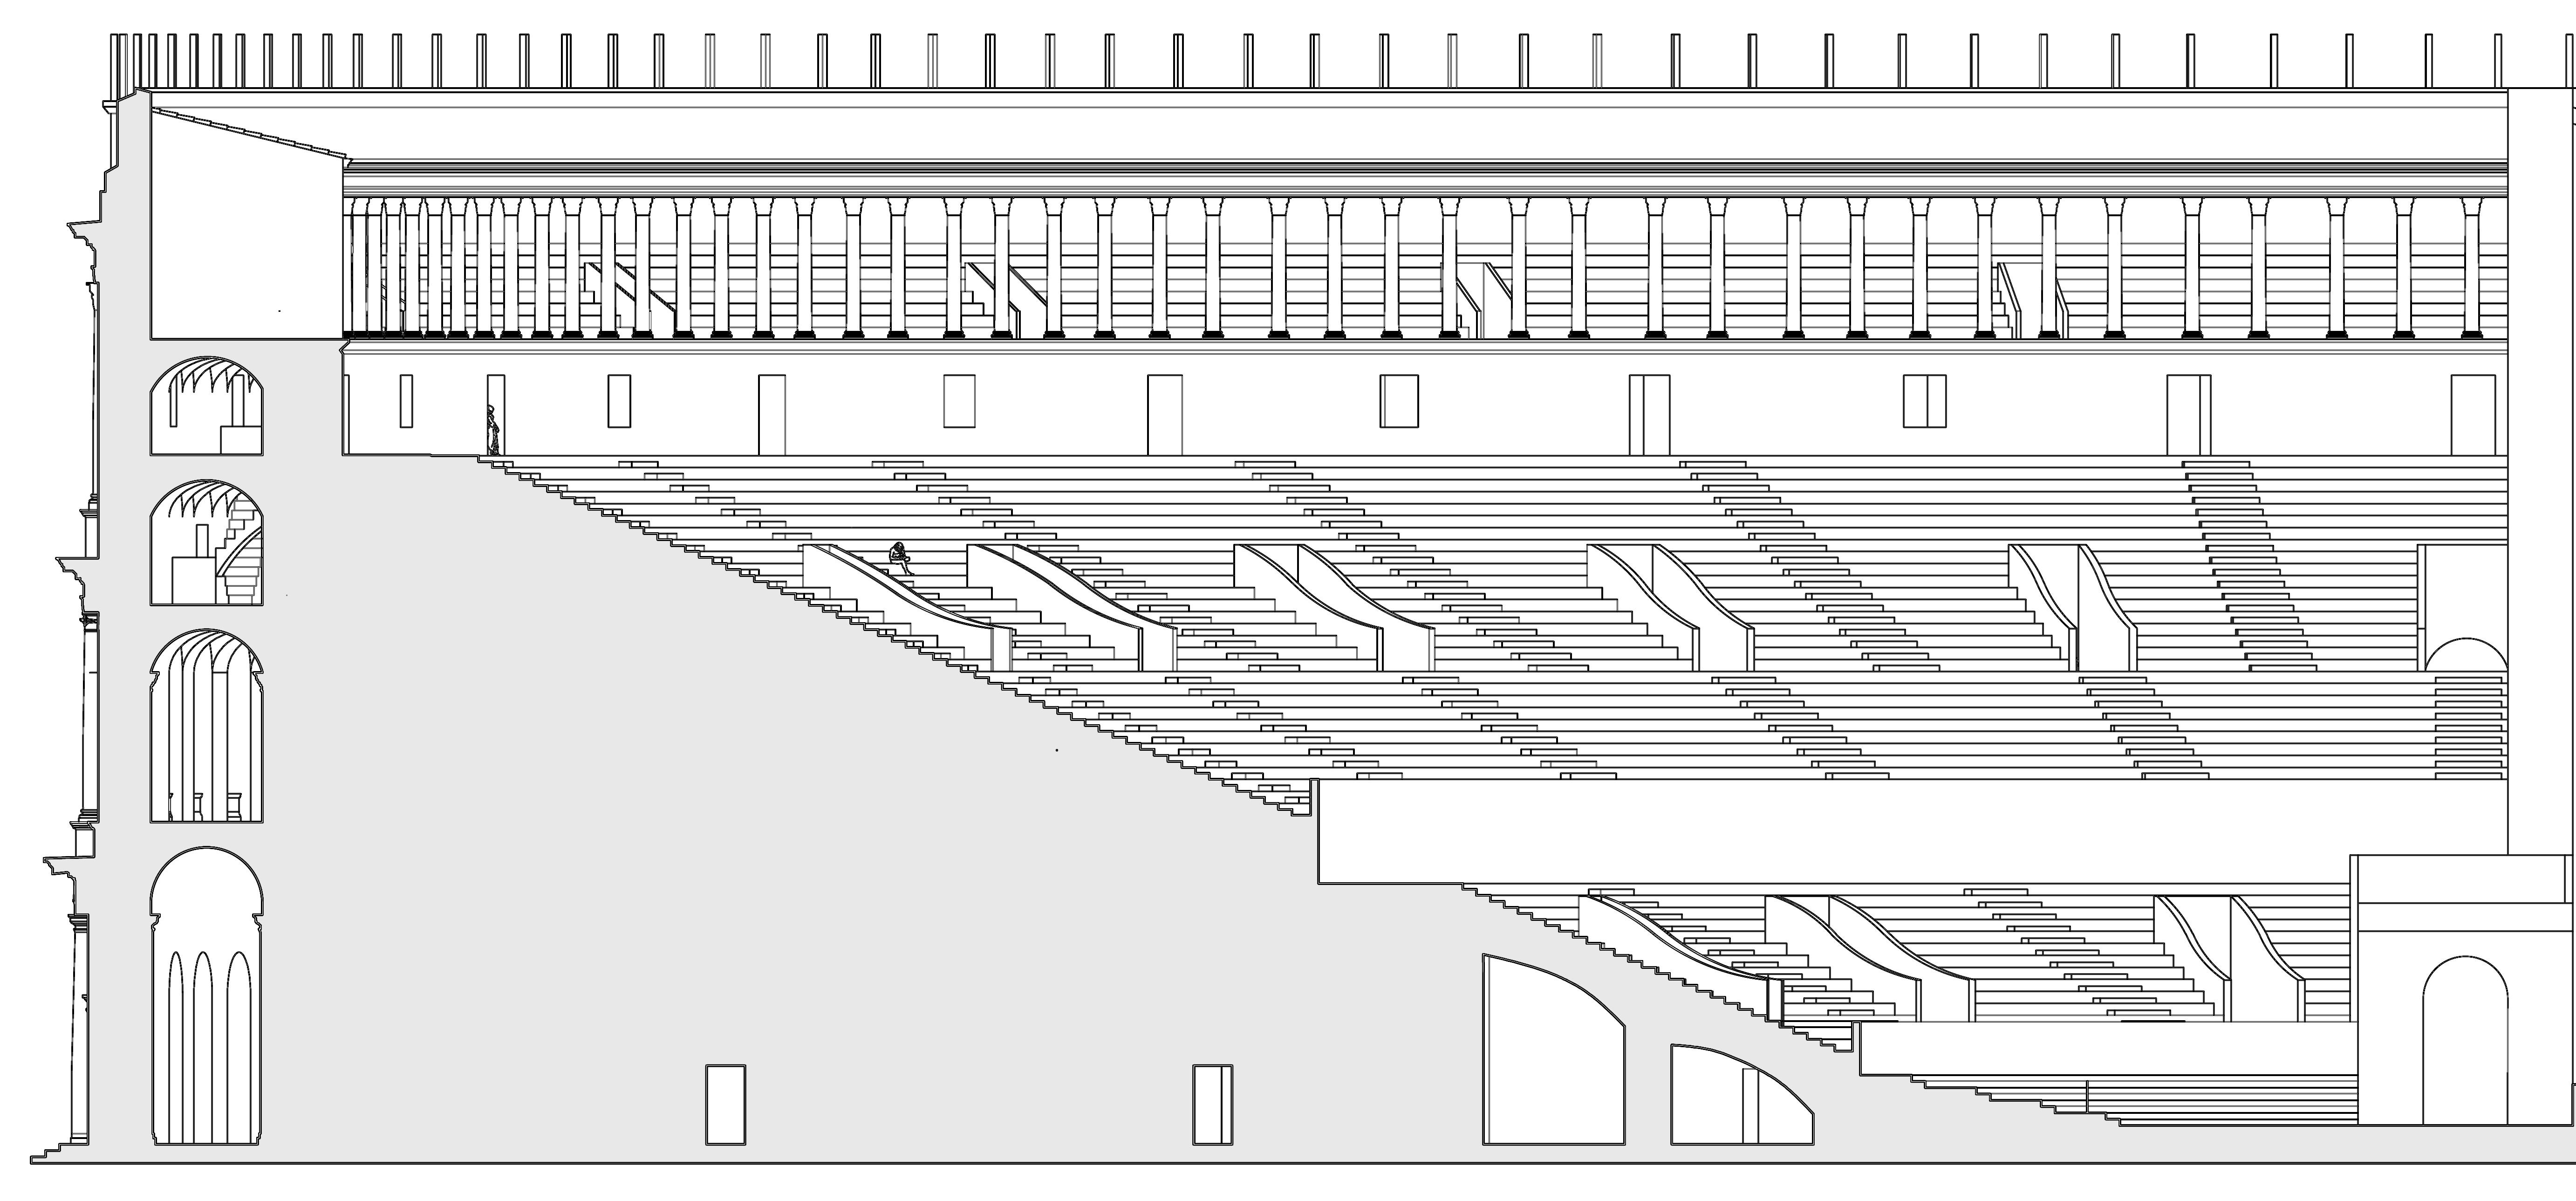 Teatro di Pompeo Roma - 2015  Disegni ricostruttivi.